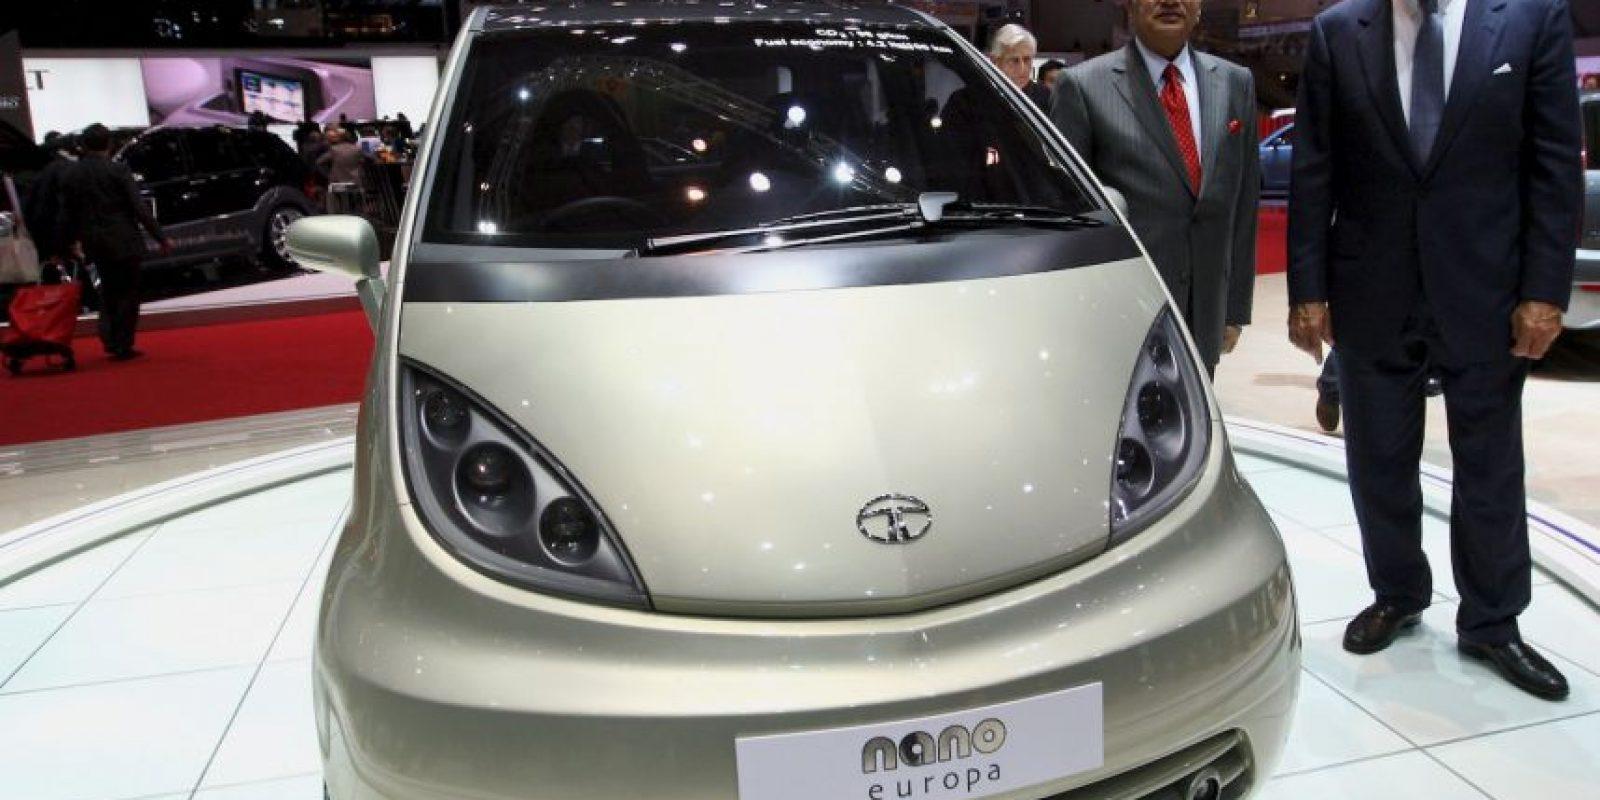 """Este coche es fabricado por la automotriz india """"Tata Motors"""" y tiene capacidad para cuatro personas. Además es de cinco puertas, cuenta con motor trasero, dos cilindros, potencia máxima de 33 caballos de fuerza y consume 4.5 litros de gasolina por cada 100 kilómetros recorridos. Su precio es de 2 mil 500 dólares. Foto:Getty Images"""